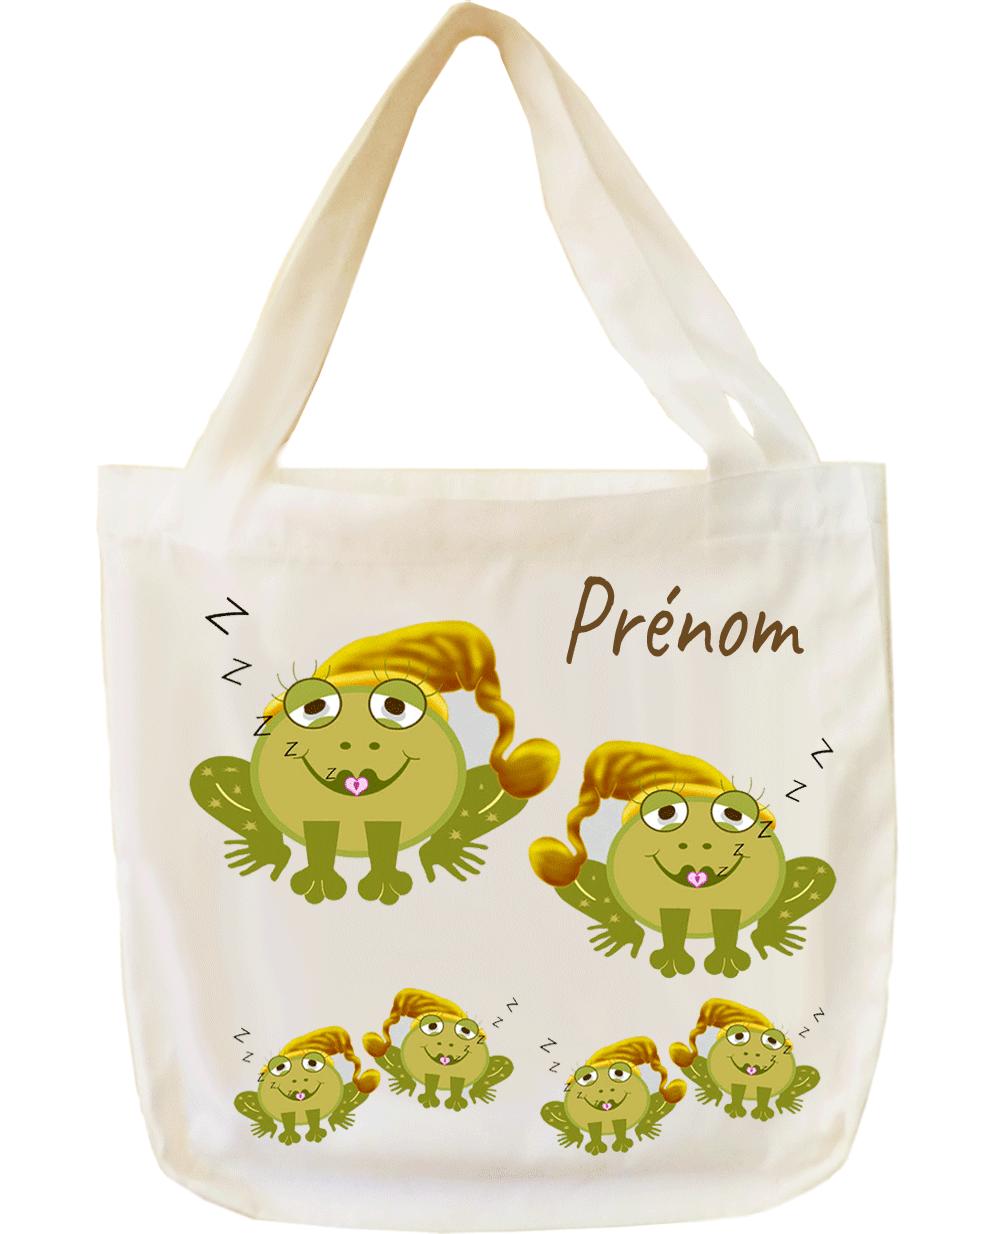 tote-bag;sac;cabas;texti;cadeaux;personnalisable;personnalisation;personnalise;prenom;animal;grenouille;bonnet;nuit